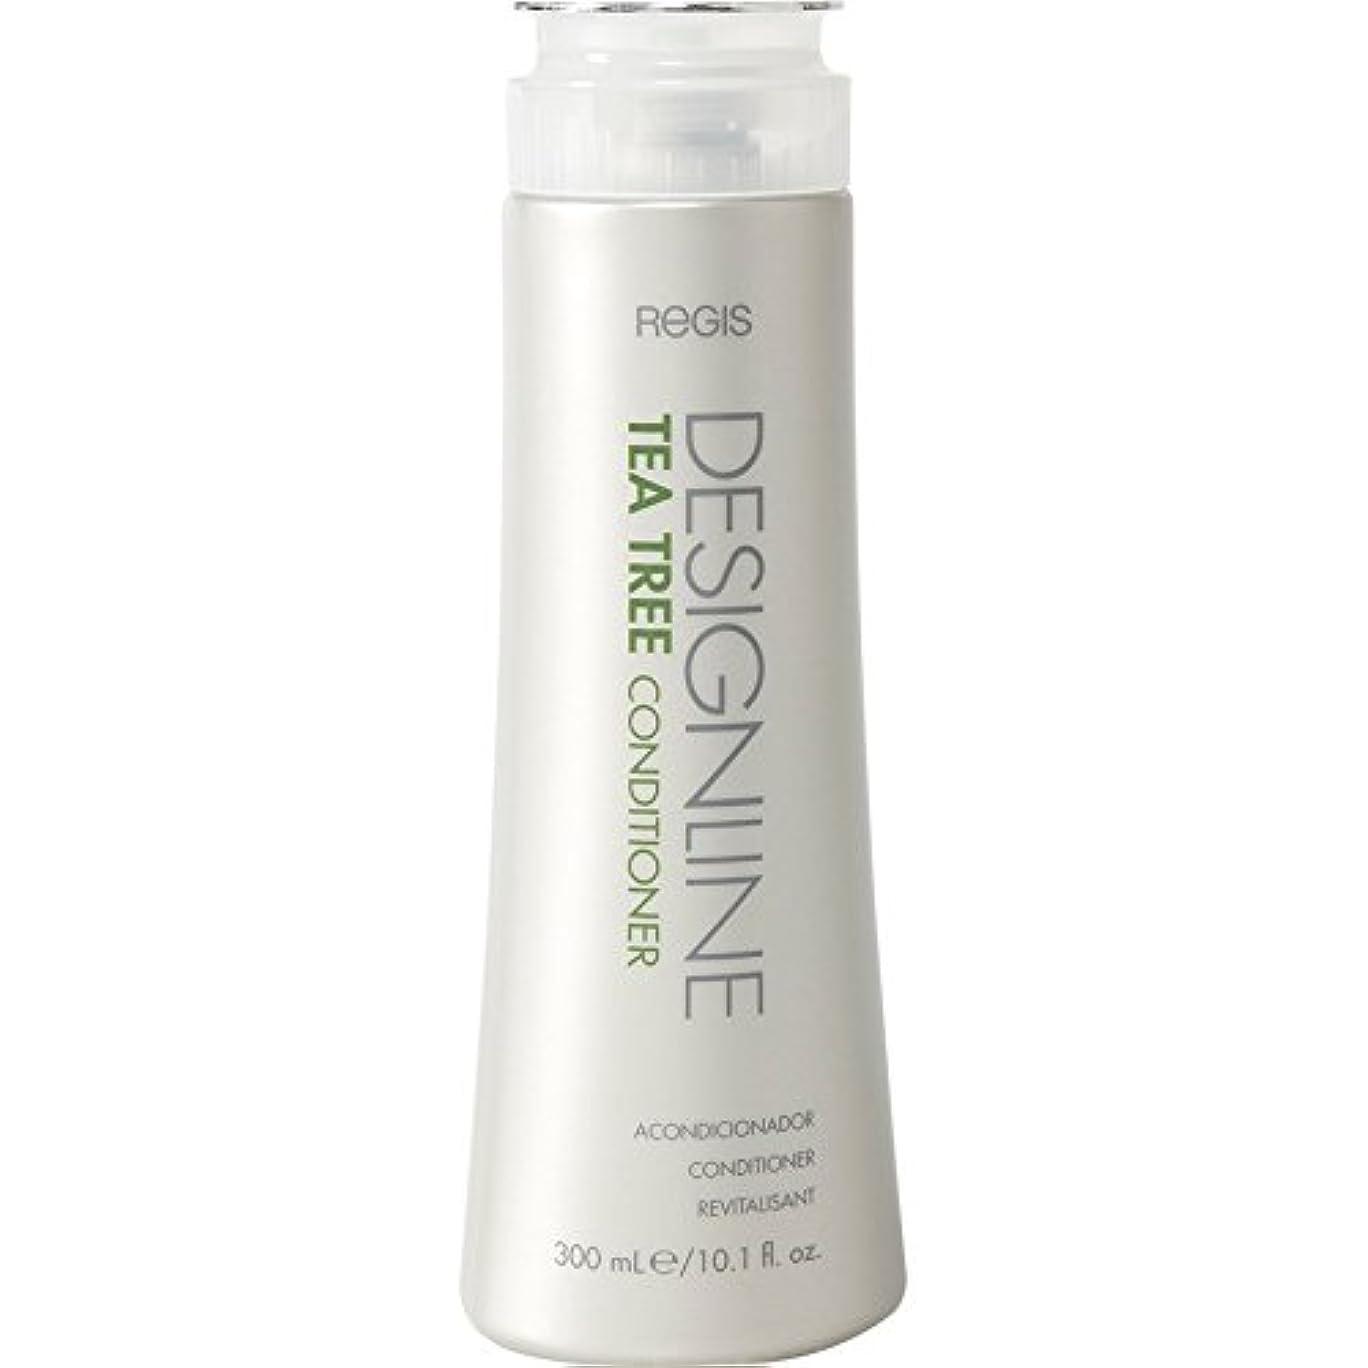 クモ騒乱常習的DESIGNLINE ティーツリーコンディショナー、Regis -栄養価の高いビタミンとミネラルを含み、髪に潤いを与え、髪と頭皮のオイルをバランスさせる シャイン、ソフトネス、および管理性 用